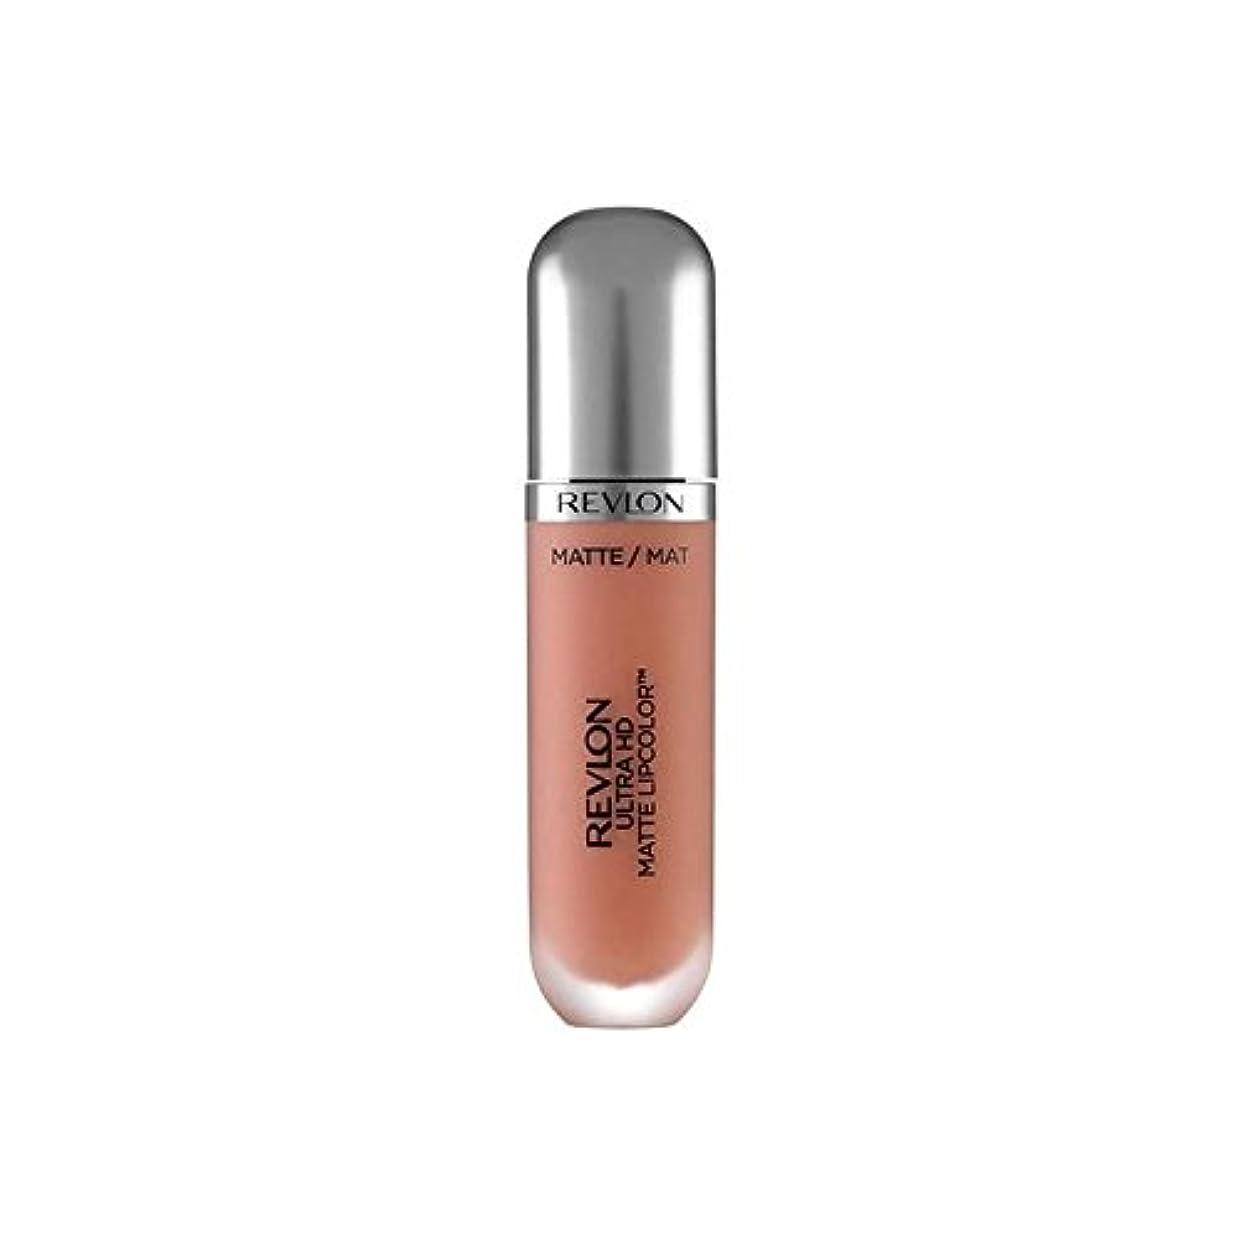 疑わしい予知穴Revlon Ultra HD Matte Lipstick Seduction 5.9ml (Pack of 6) - レブロンウルトラマット口紅誘惑の5.9ミリリットル x6 [並行輸入品]